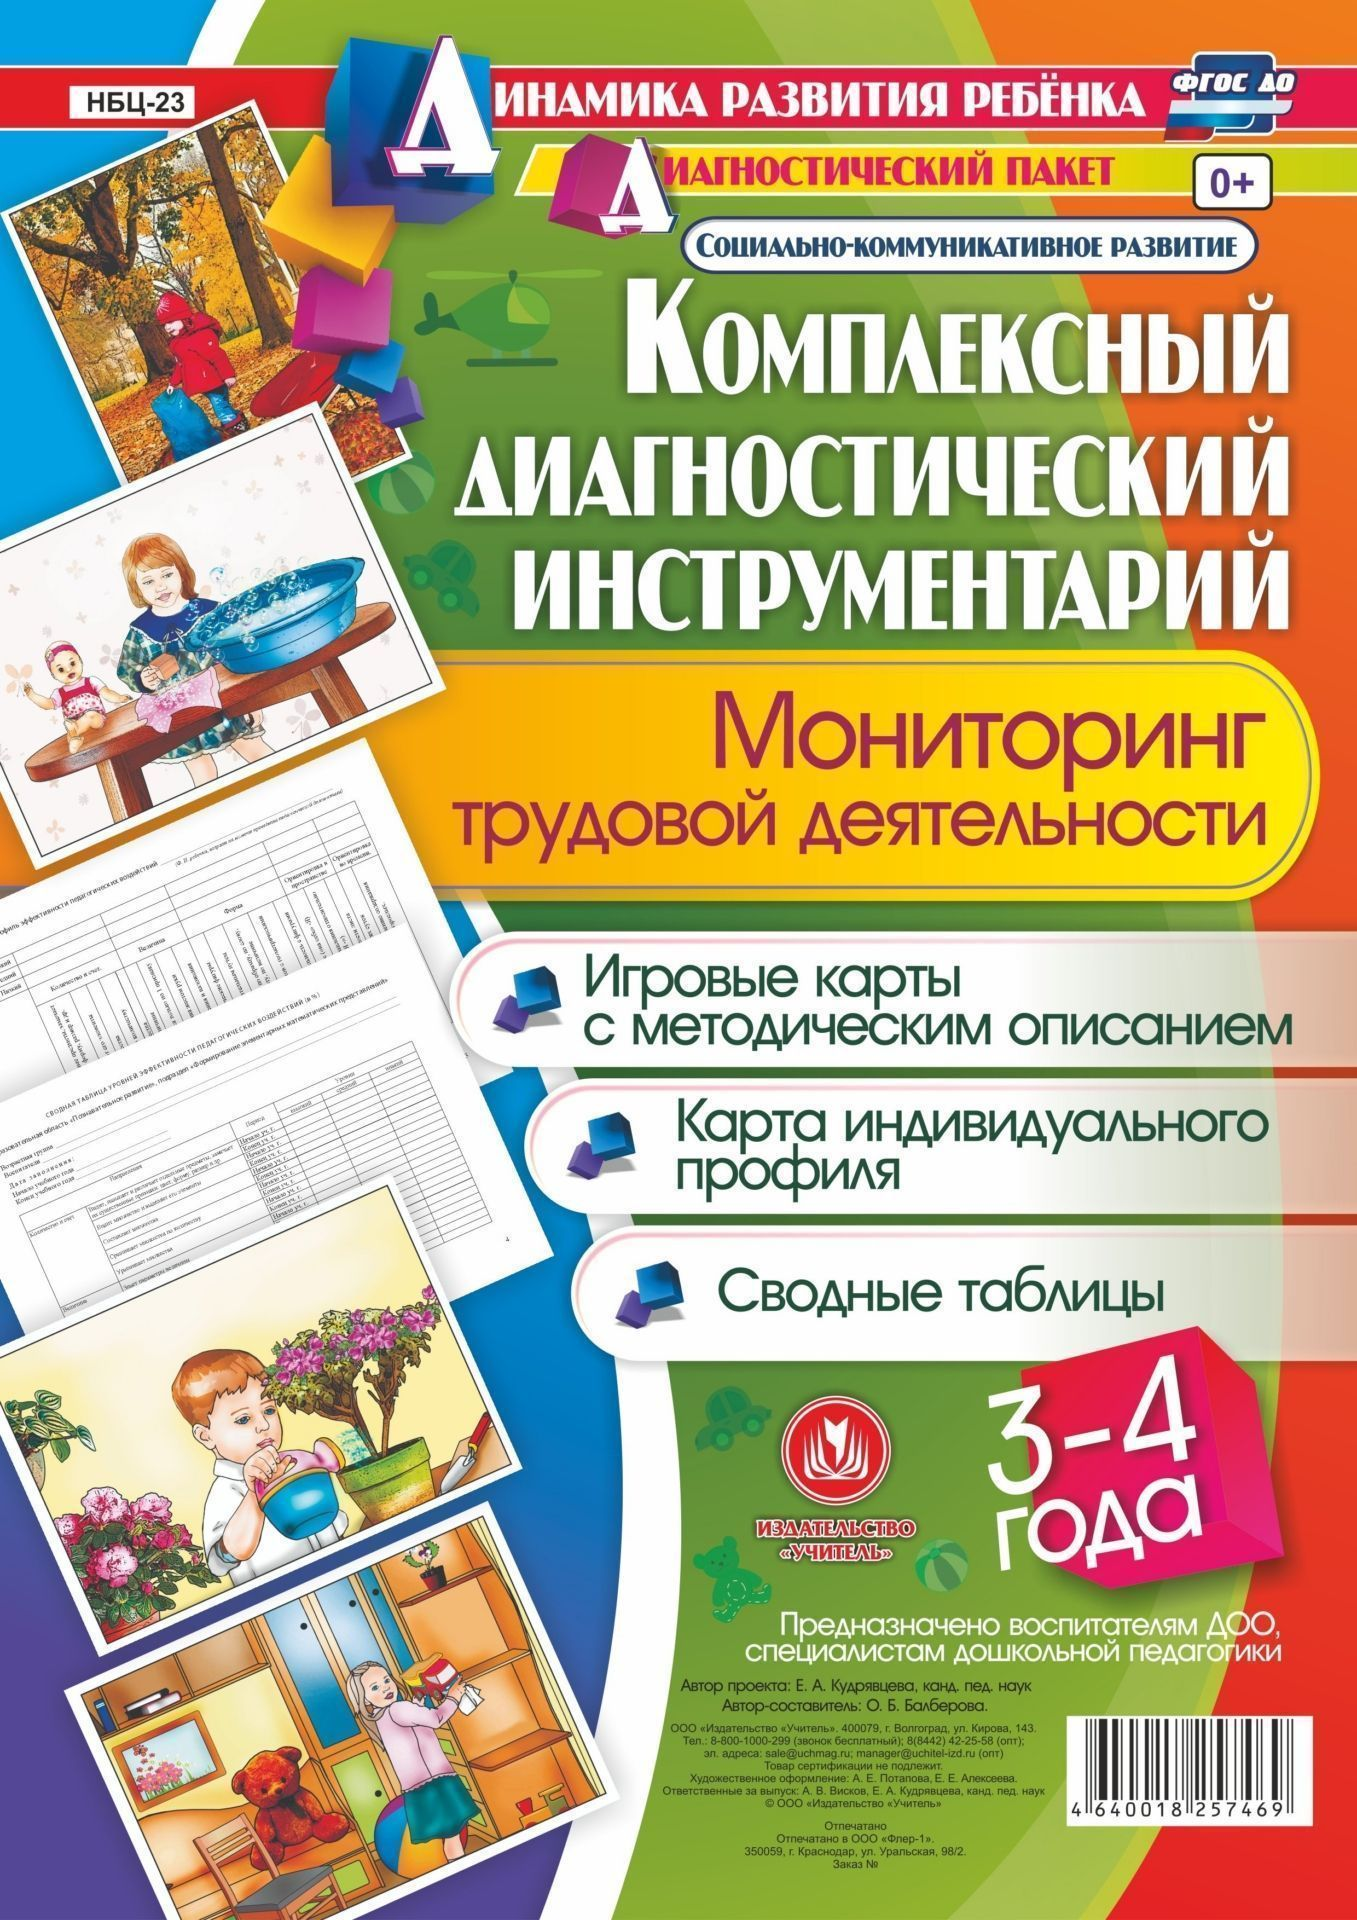 Комплексный диагностический инструментарий. Мониторинг трудовой деятельности детей 3-4  лет. Игровые карты с методическим описанием, карта индивидуального профиля, сводные таблицы